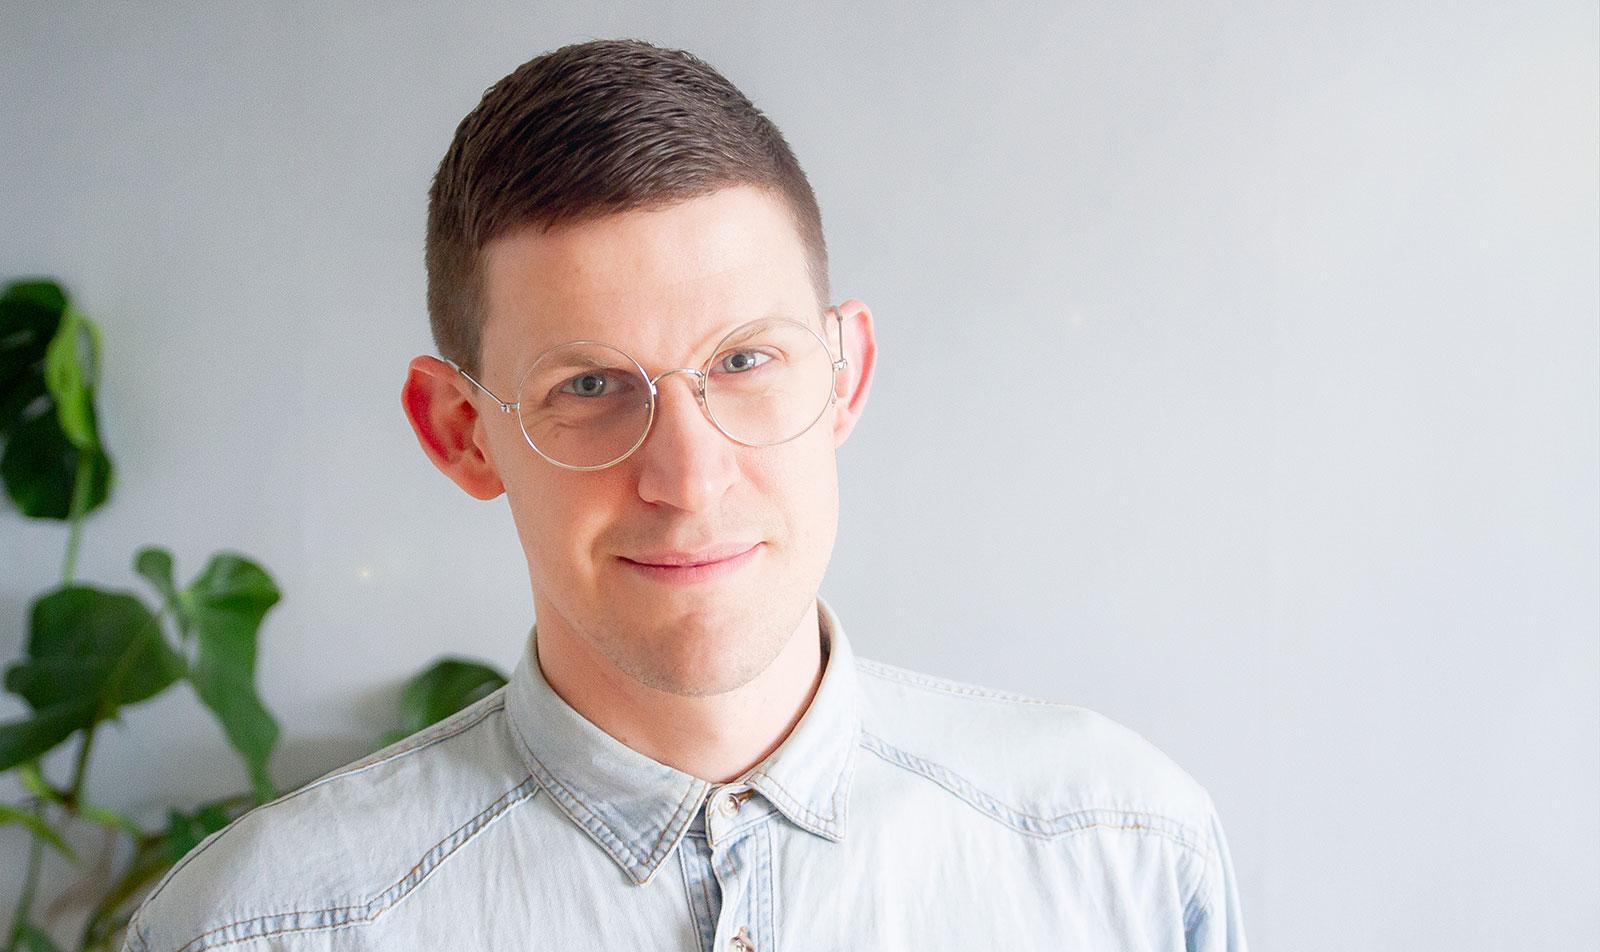 Kalle Norwald är sexolog och terapeut. Han medverkar även som expert i SVT:s succéserie Gifta vid första ögonkastet.